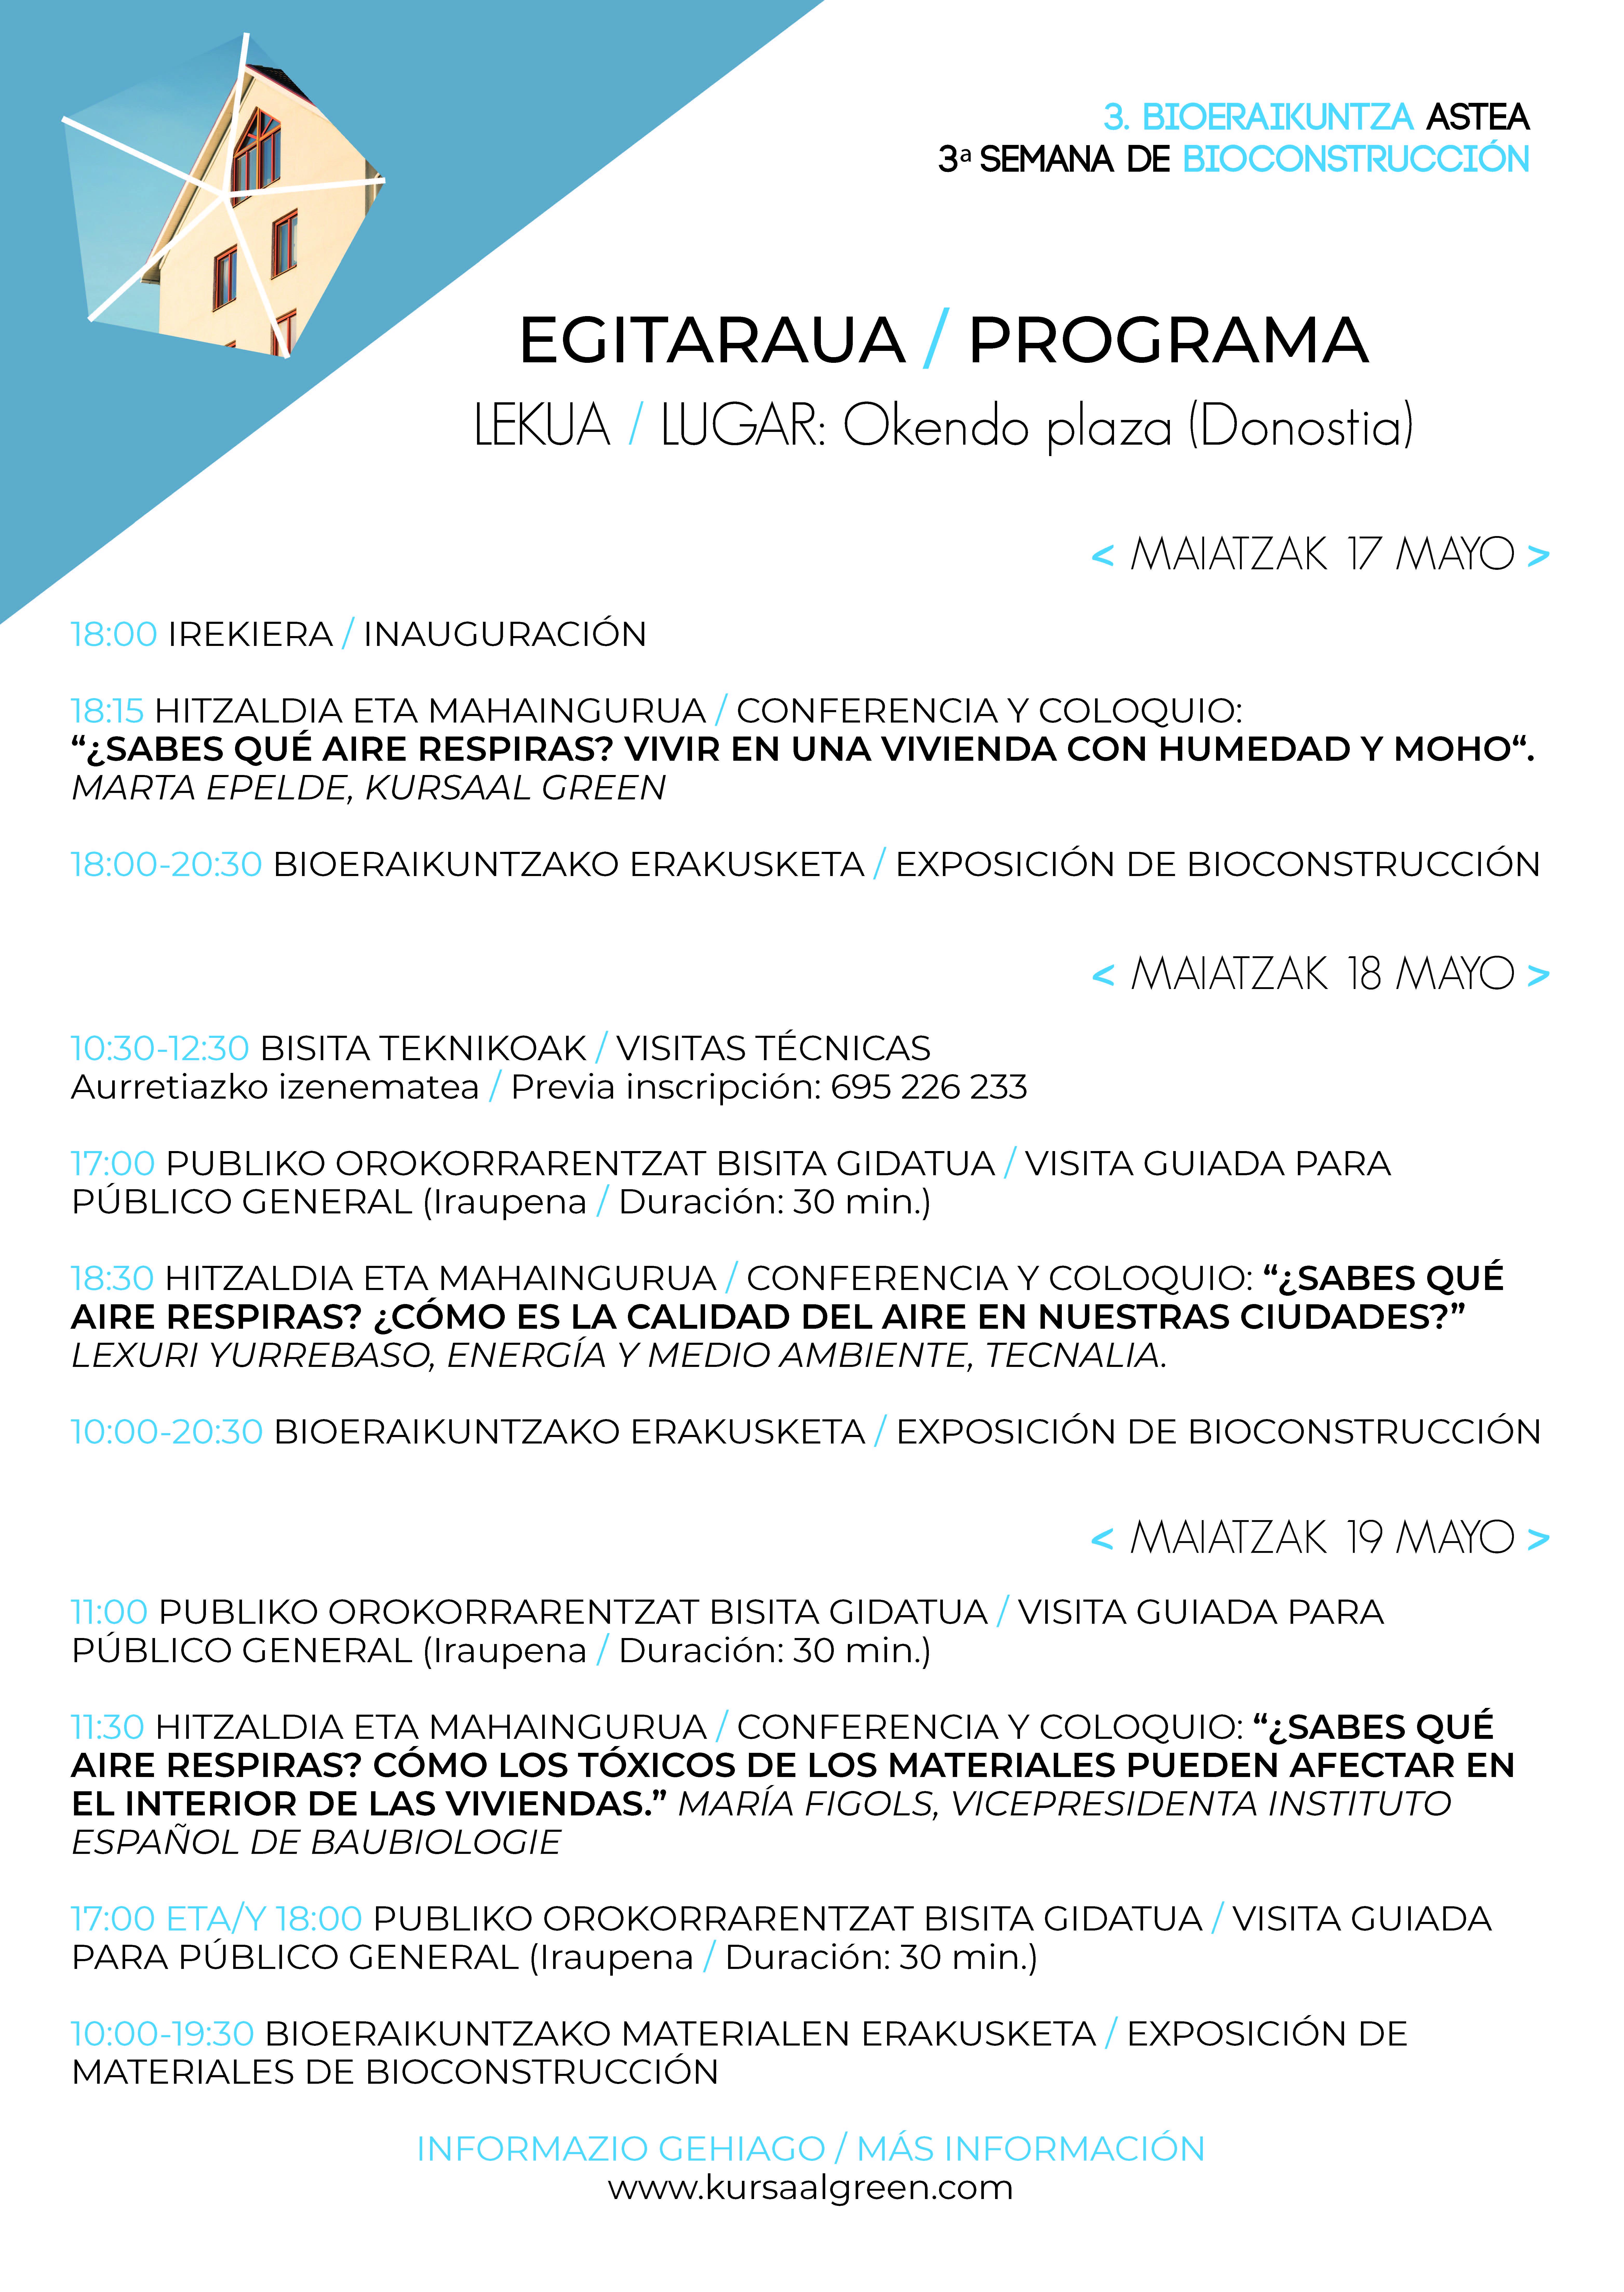 imagen 3 de noticia: iii-semana-de-la-bioconstruccin-para-la-ciudadana-organizada-por-kursaal-green-kutxa-ekogunea-y-cristina-enea